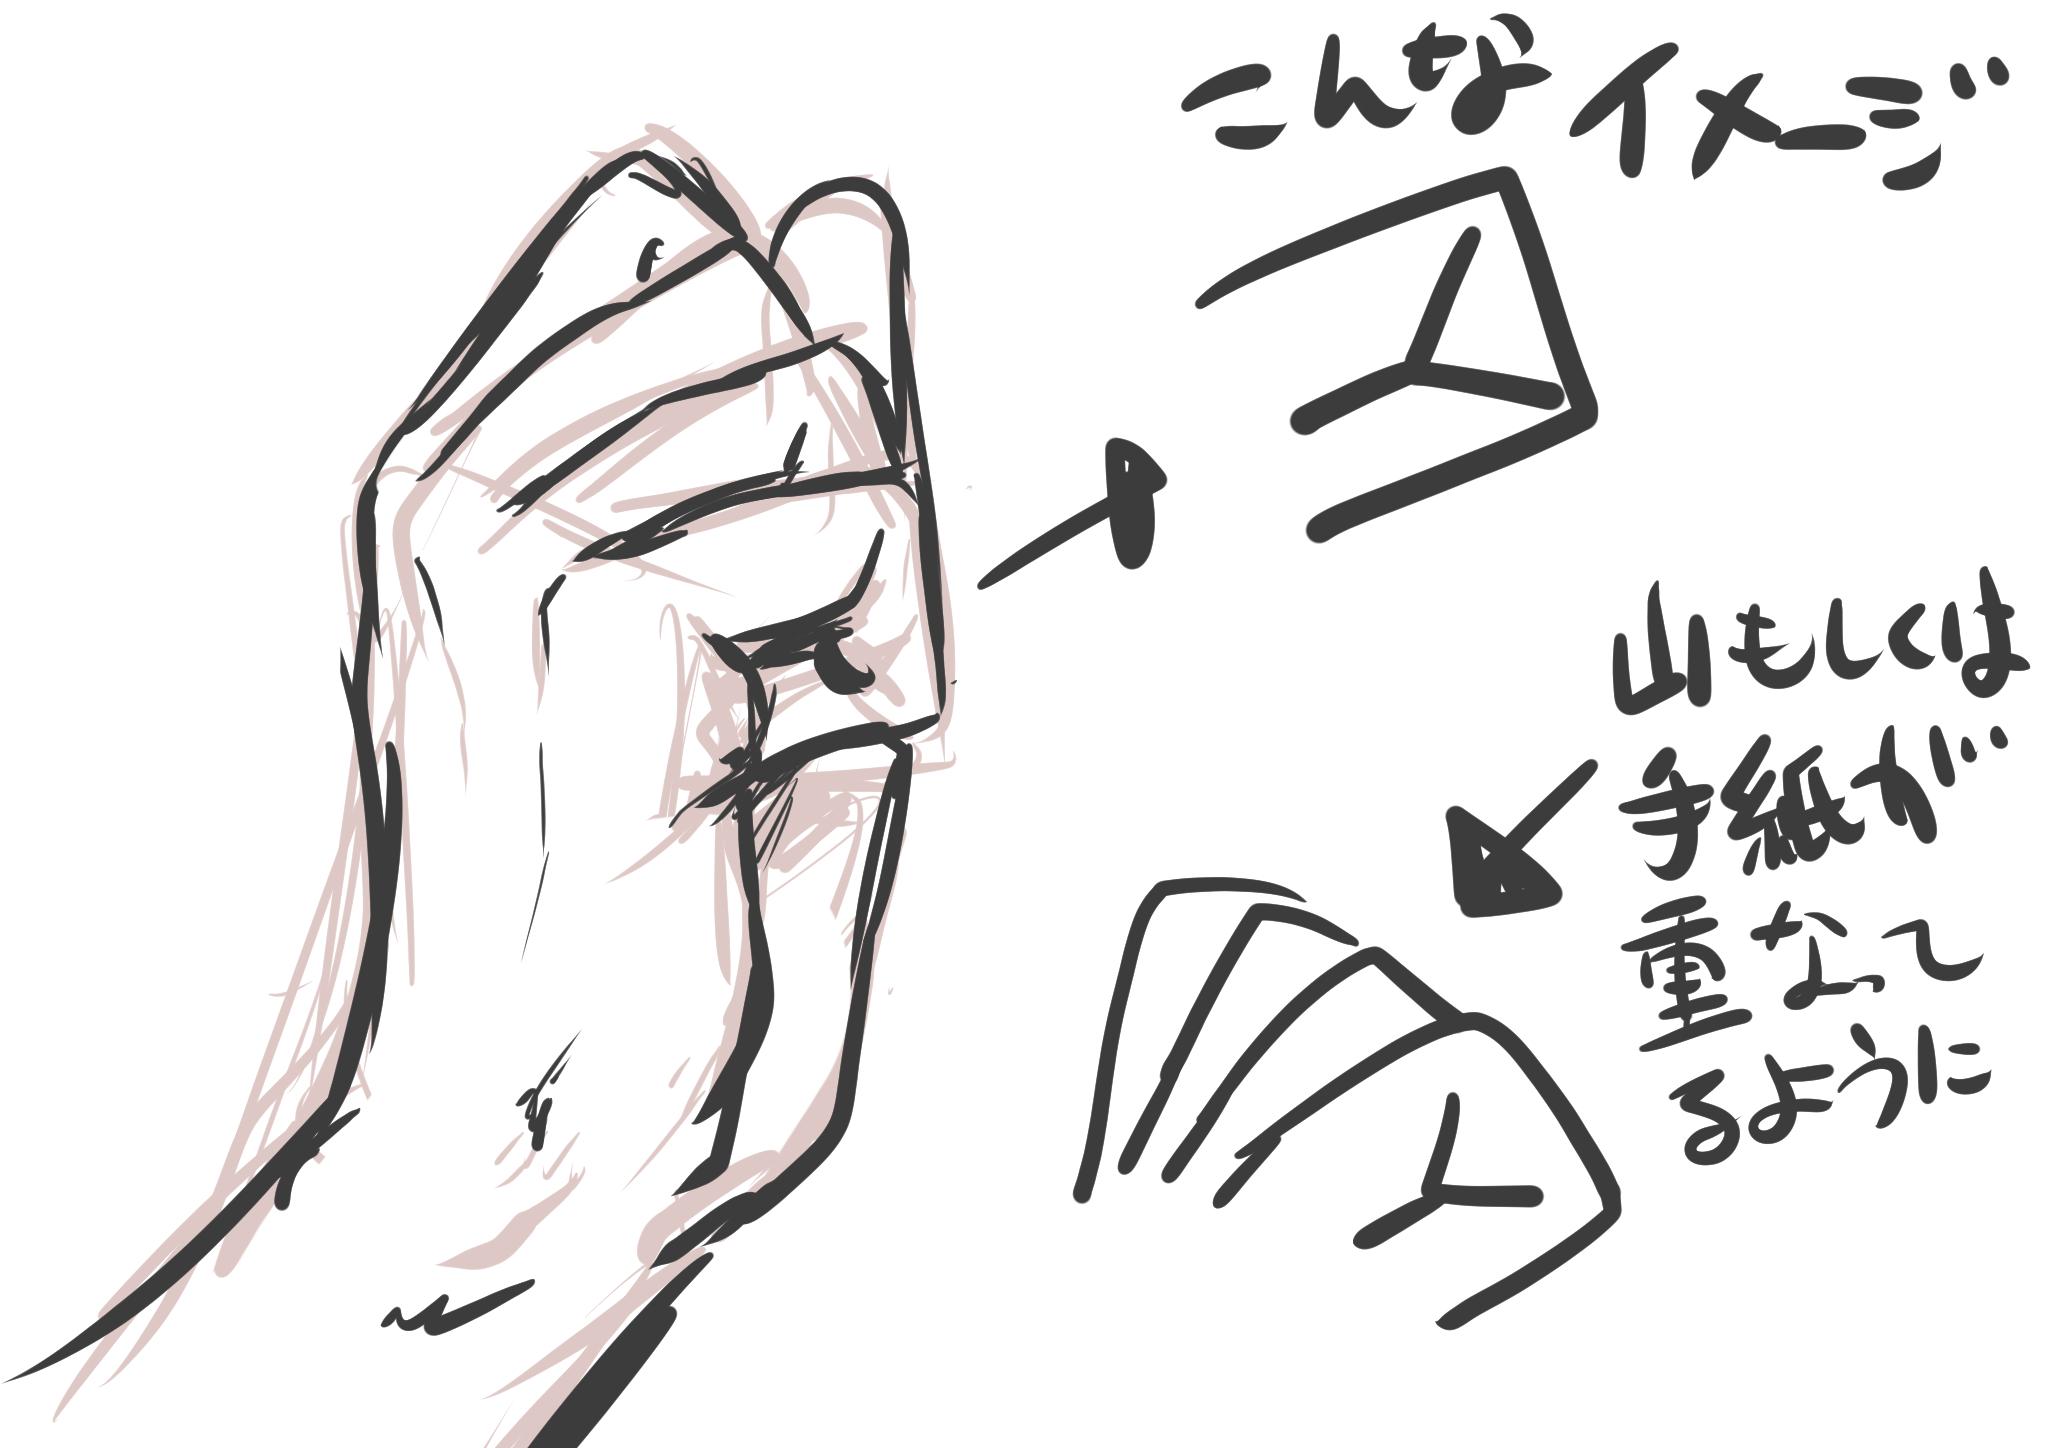 手の書き方を考える8